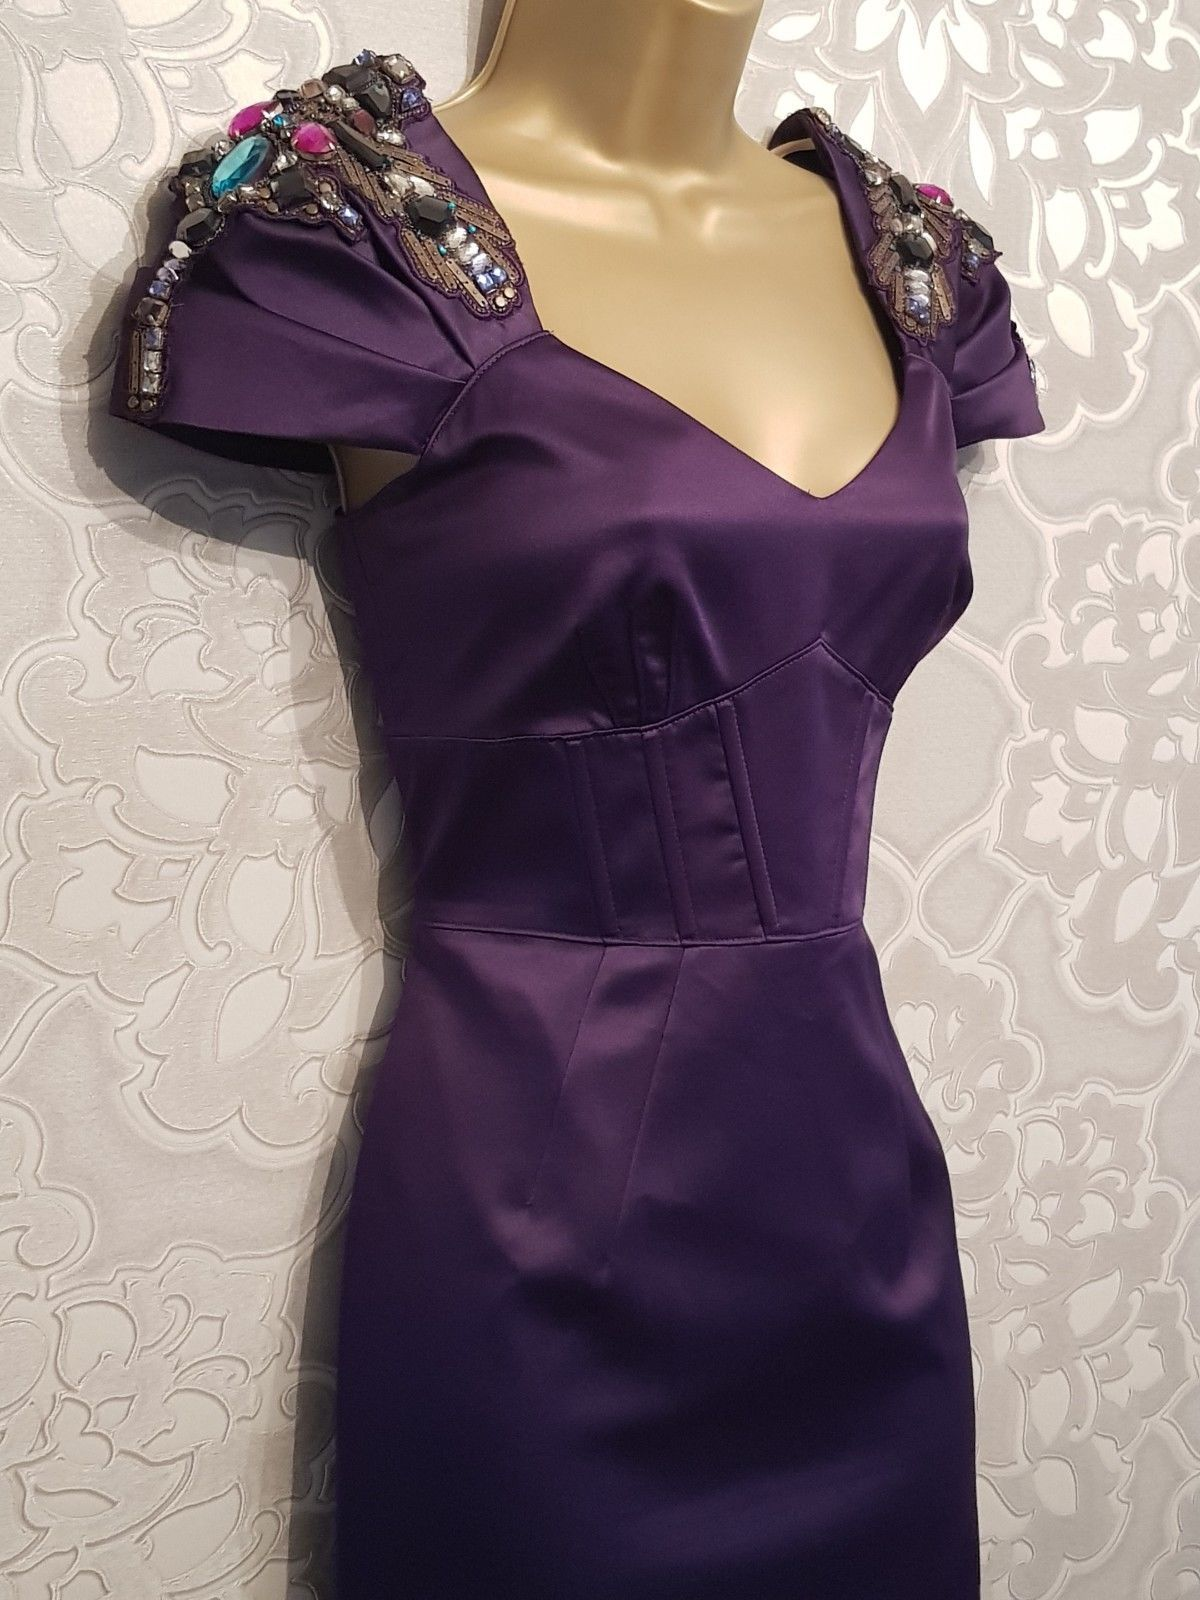 810ff82ae61334 Karen Millen Vintage Style Jewel Embellished Purple Satin Wiggle Dress Size  10